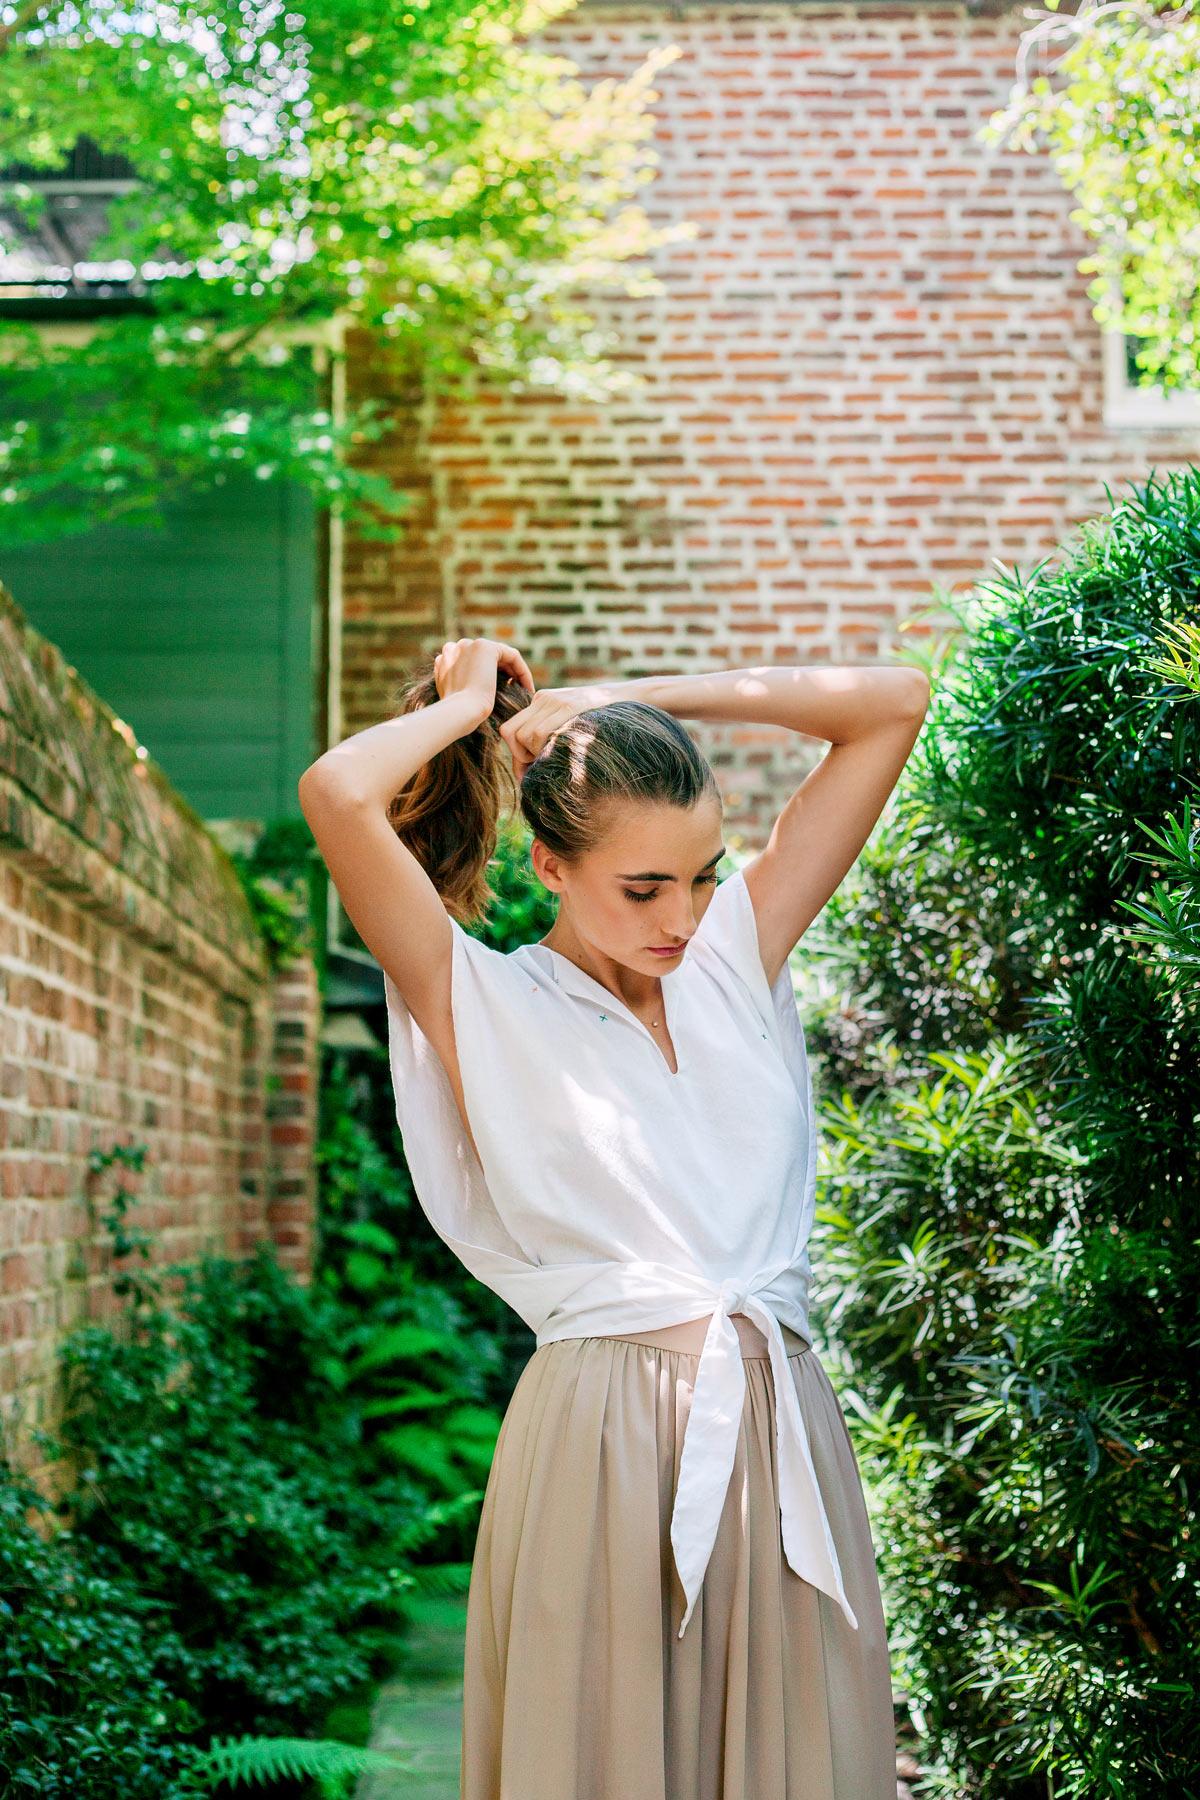 margaret-wright-fashion-photographer-charleston-19